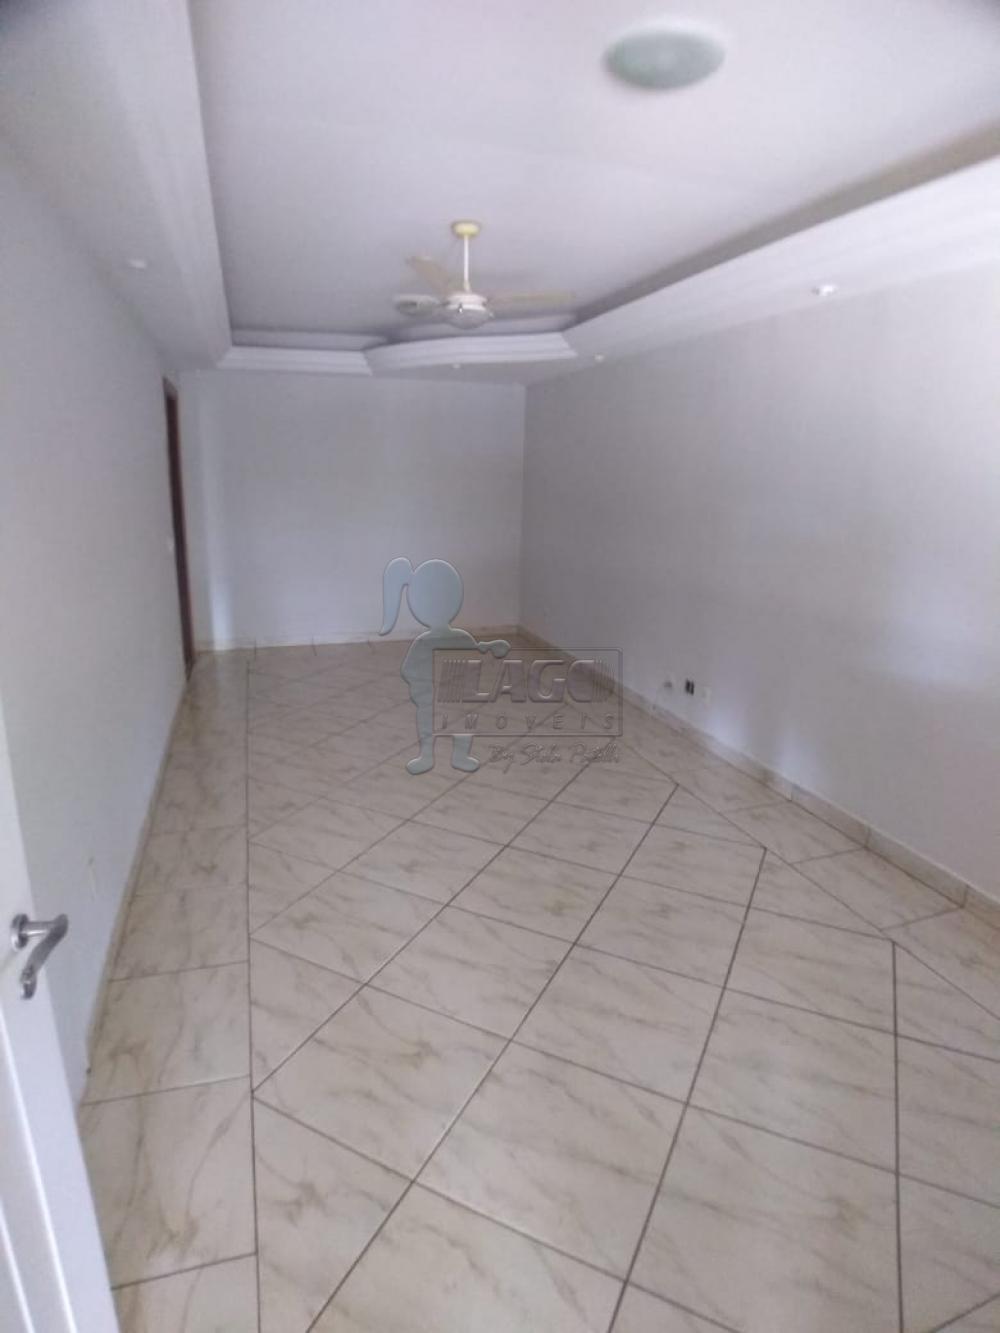 Alugar Casas / Condomínio em Ribeirão Preto apenas R$ 1.400,00 - Foto 14